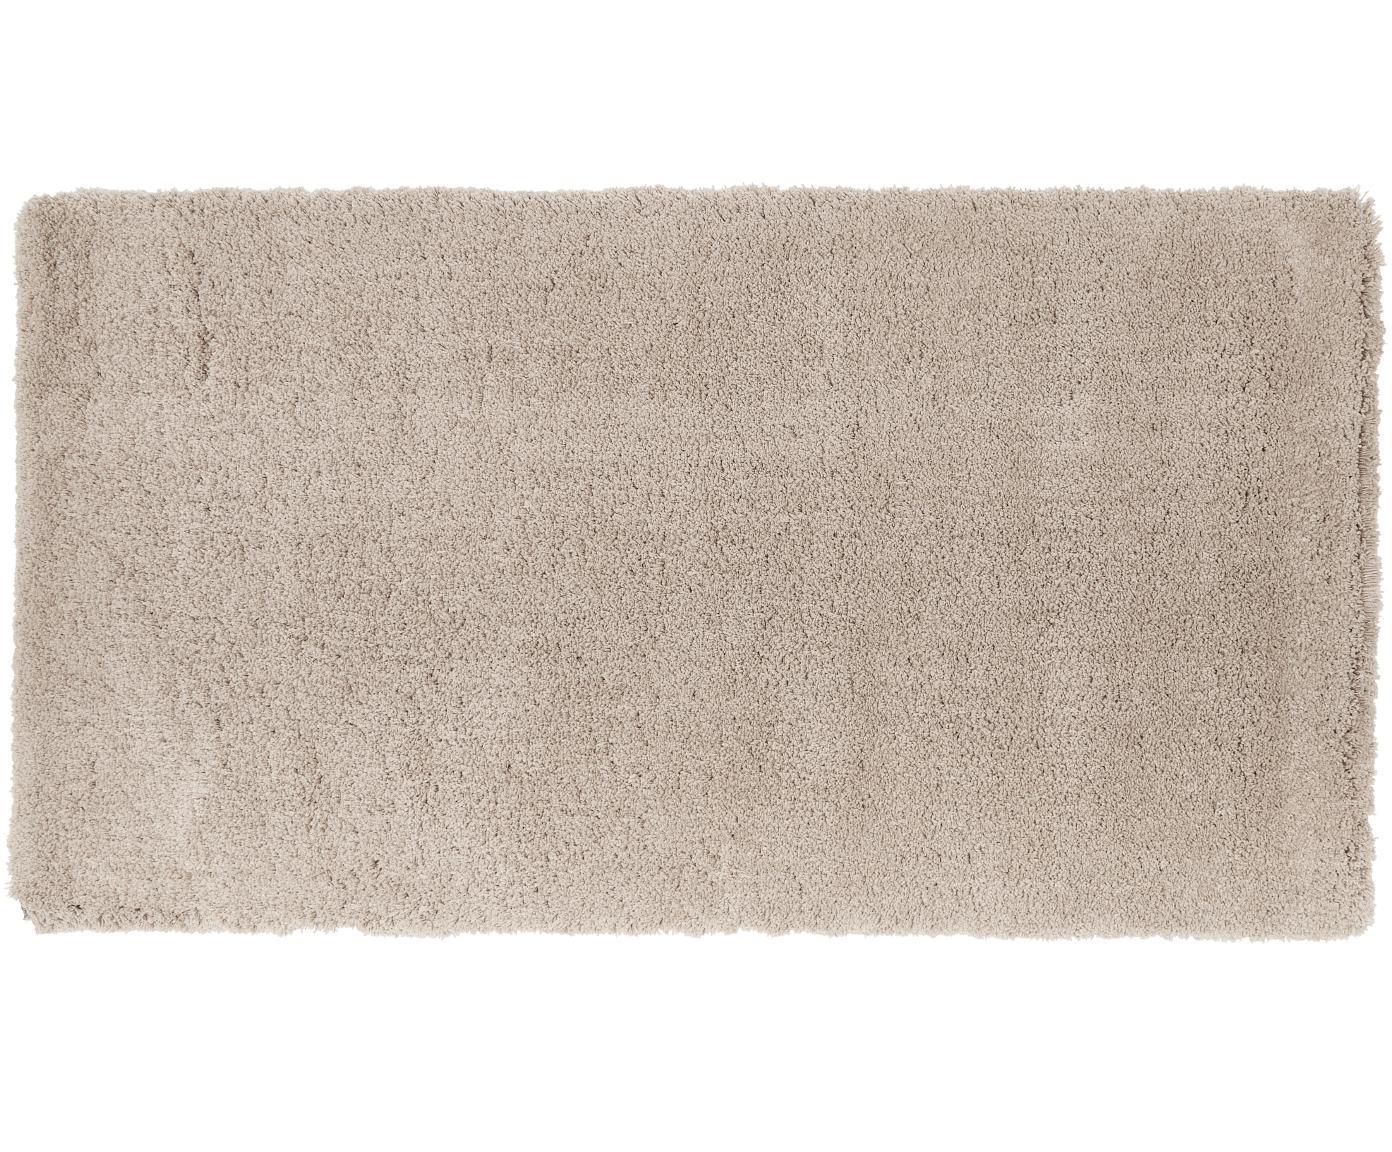 Flauschiger Hochflor-Teppich Leighton in Beige, Flor: 100% Polyester (Mikrofase, Beige-Braun, B 80 x L 150 cm (Grösse XS)